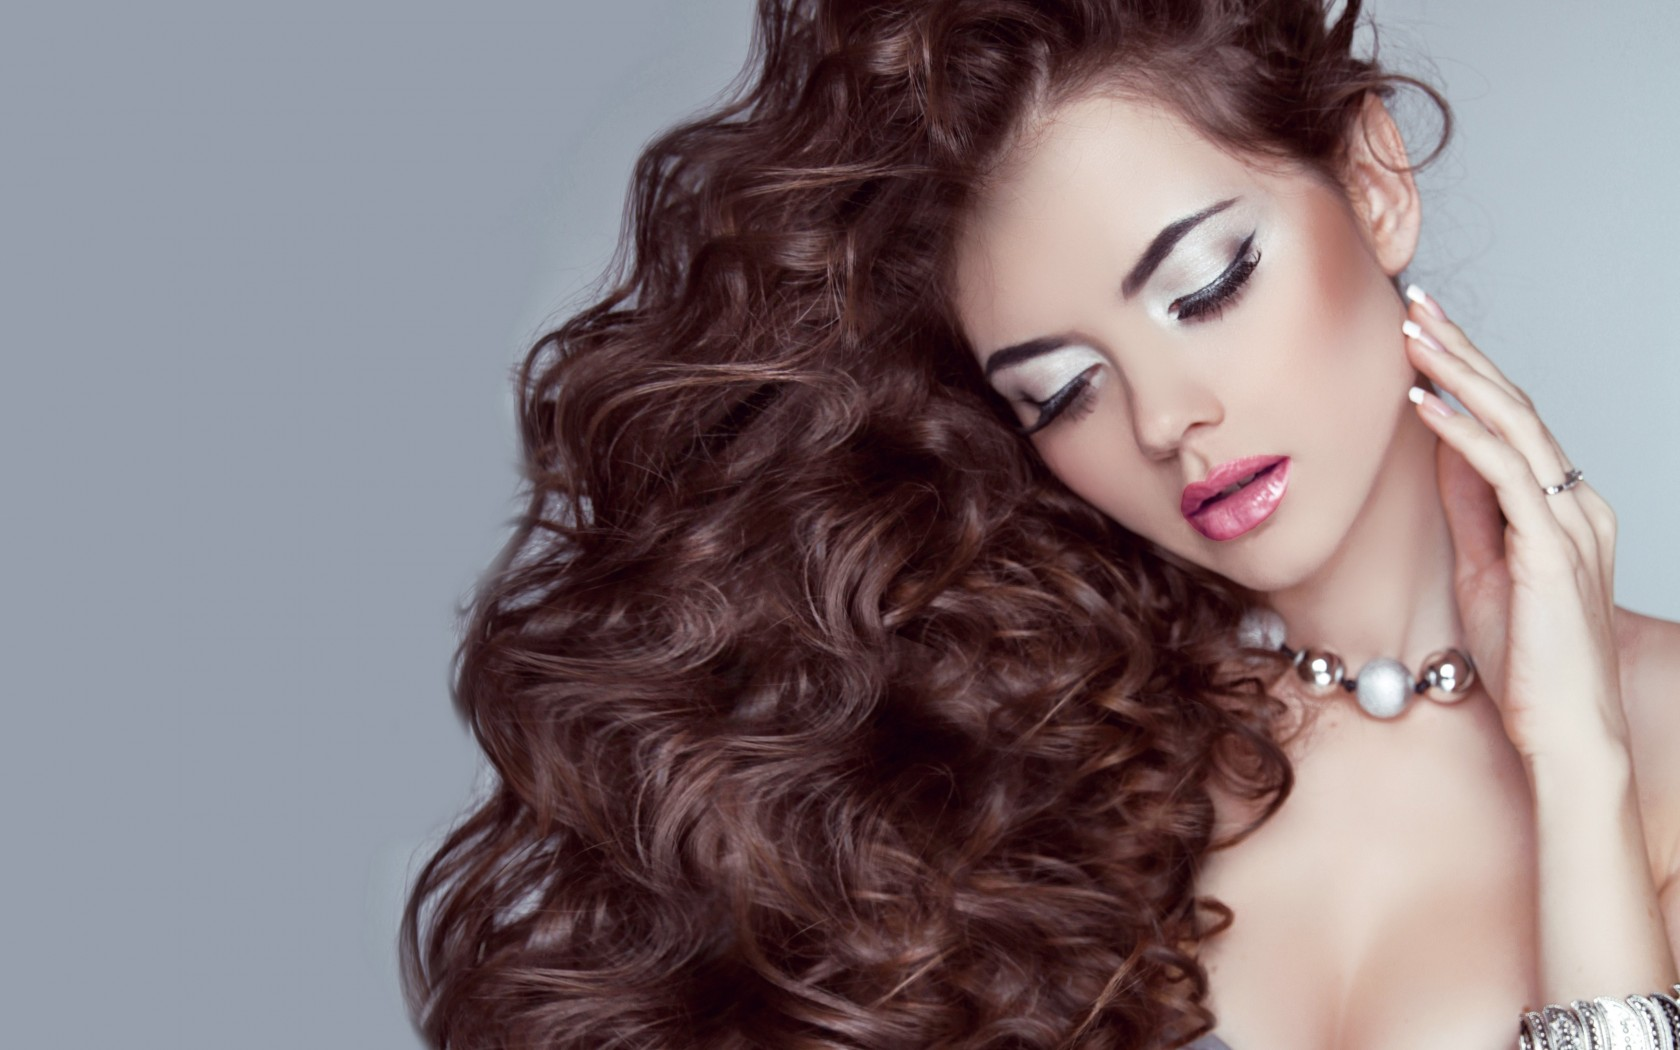 Как правильно делать массаж головы для роста волос и от выпадения